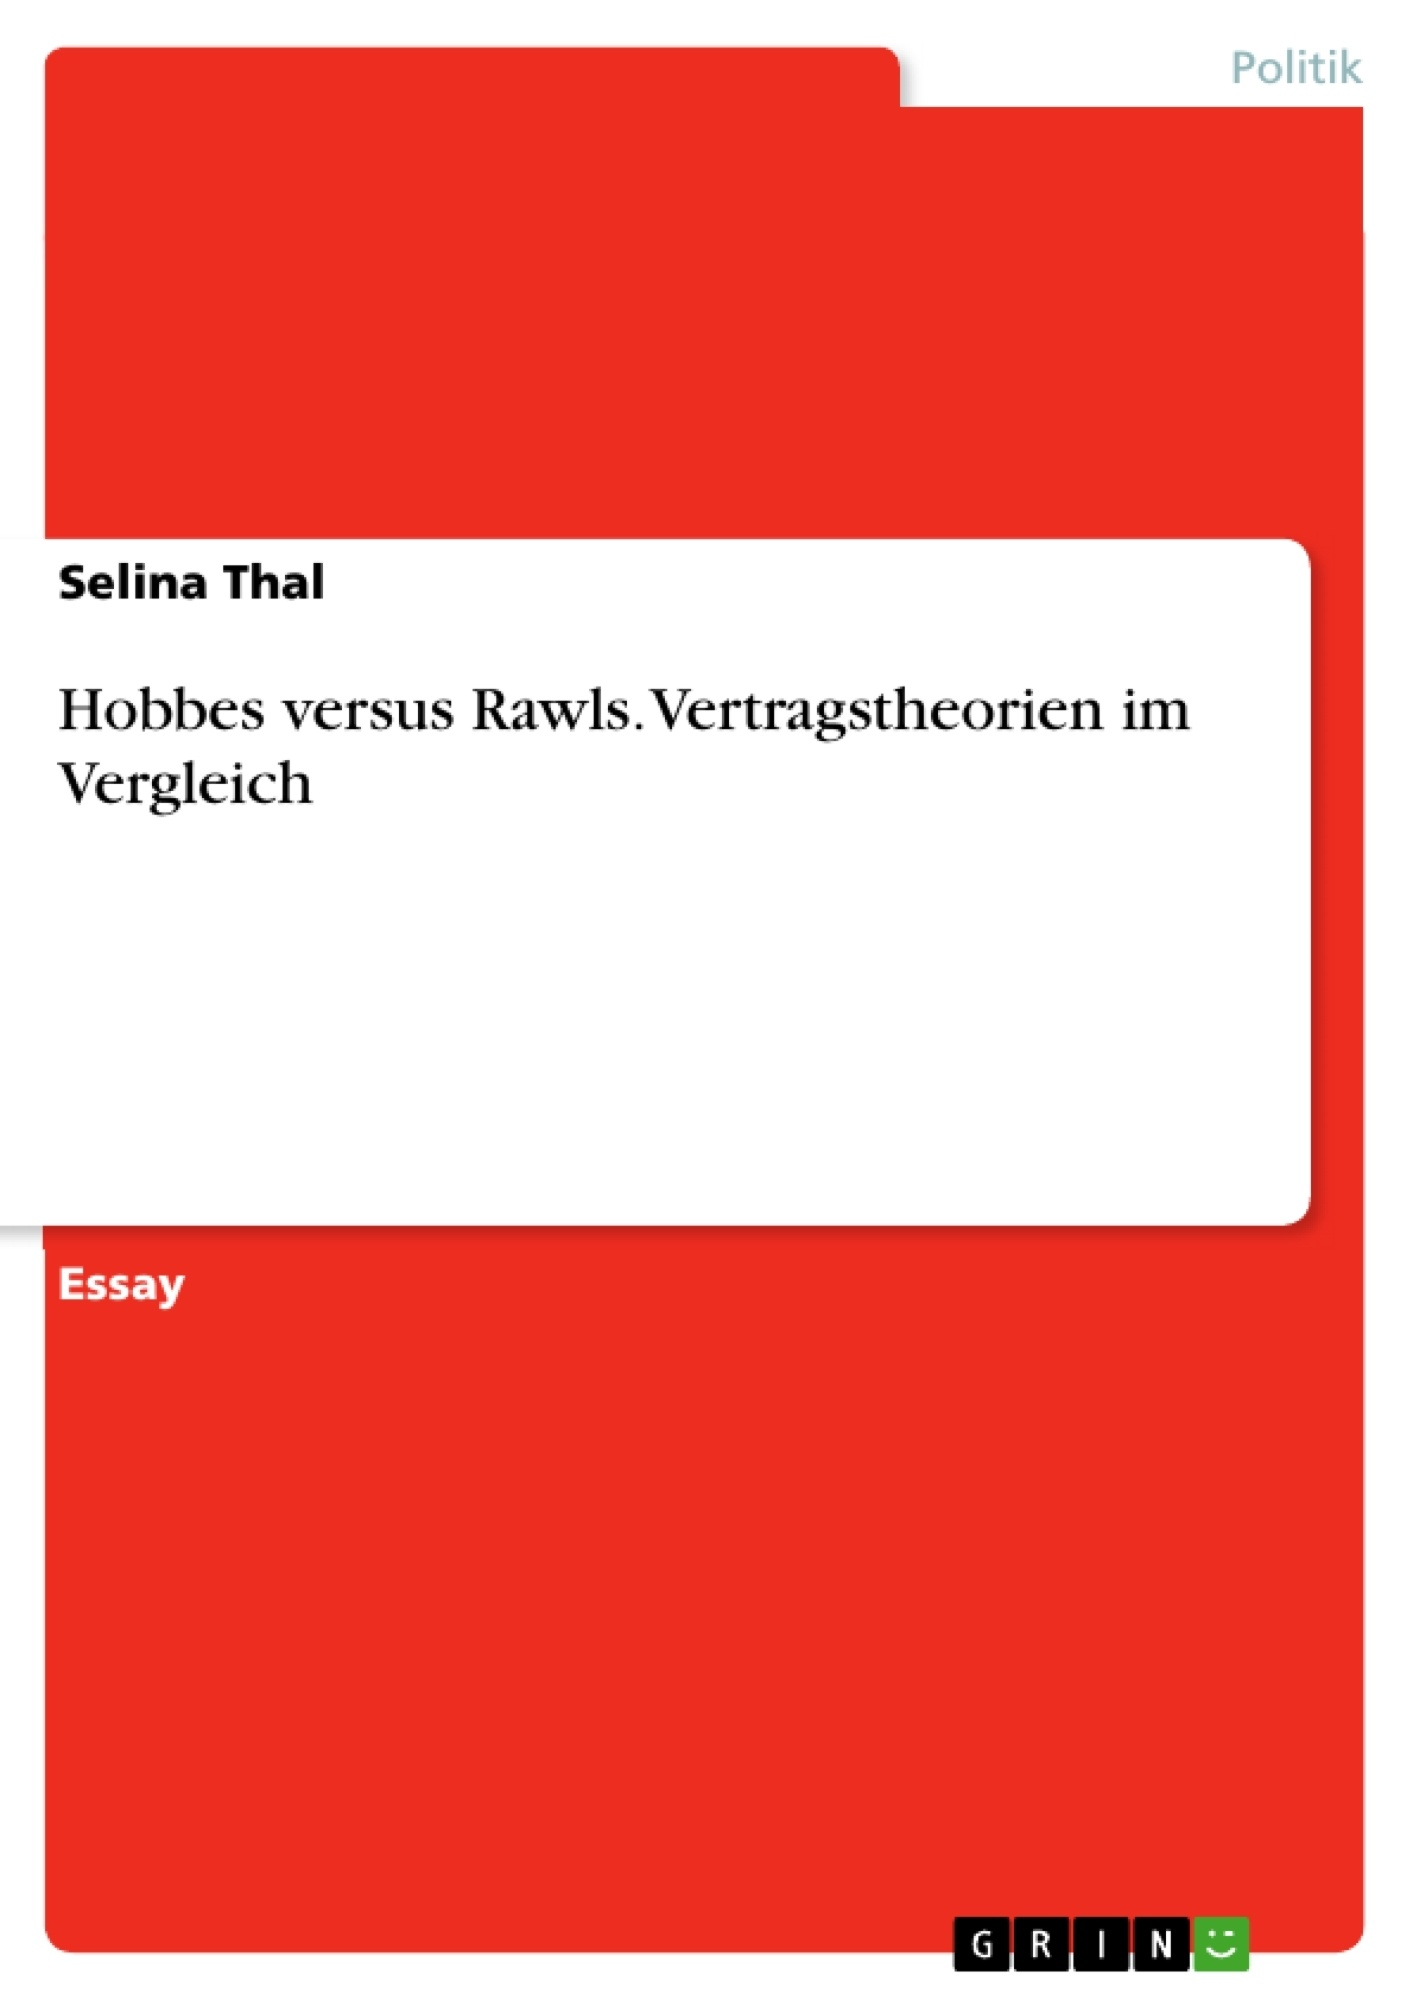 Titel: Hobbes versus Rawls. Vertragstheorien im Vergleich